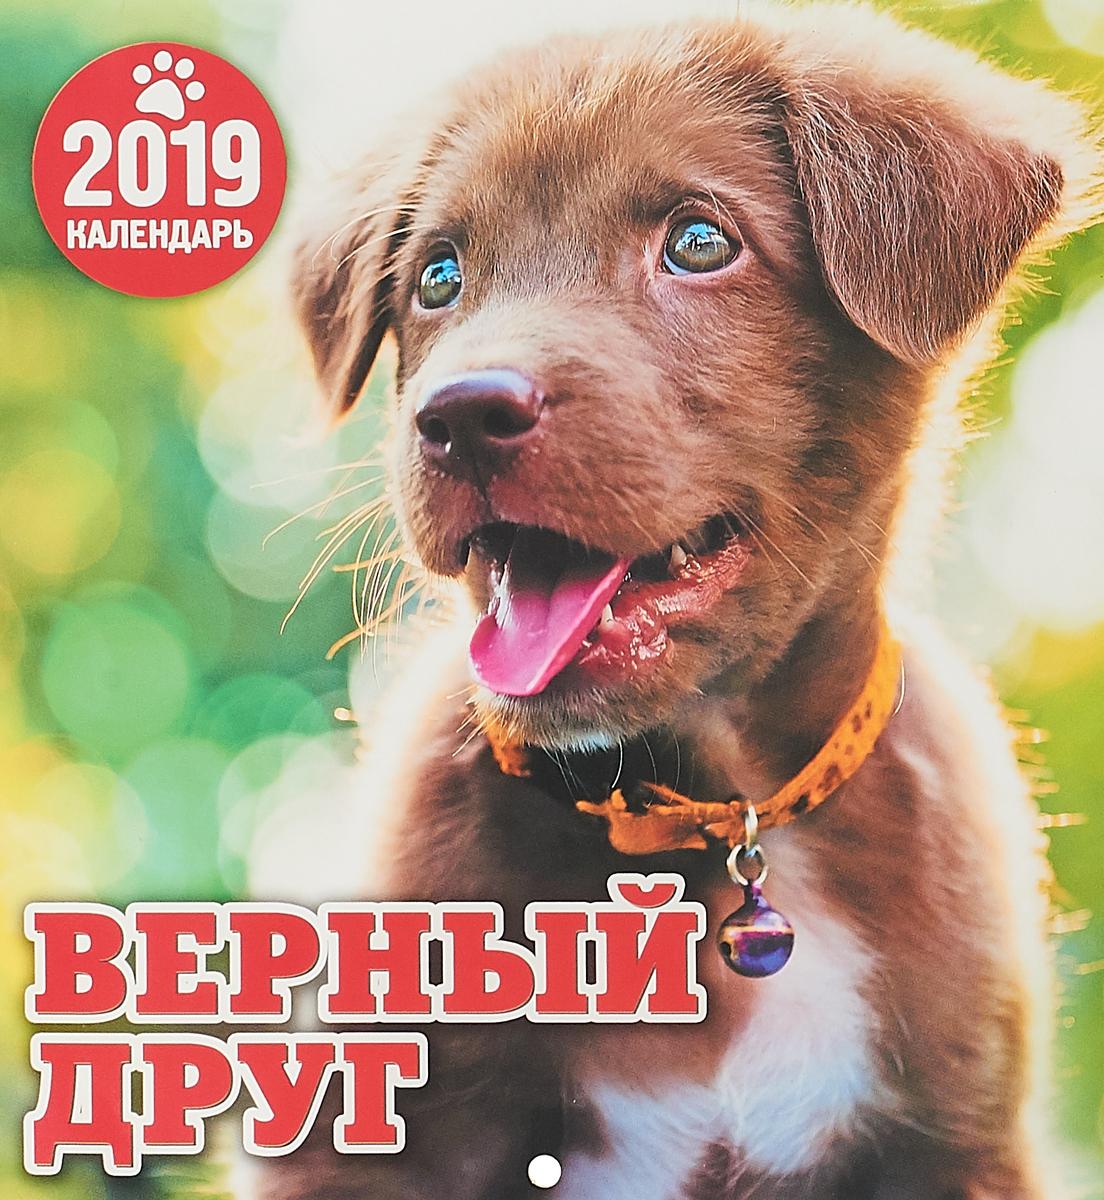 Календарь перекидной на 2019 год. Верный друг календарь перекидной на 2019 год кошачье семейство